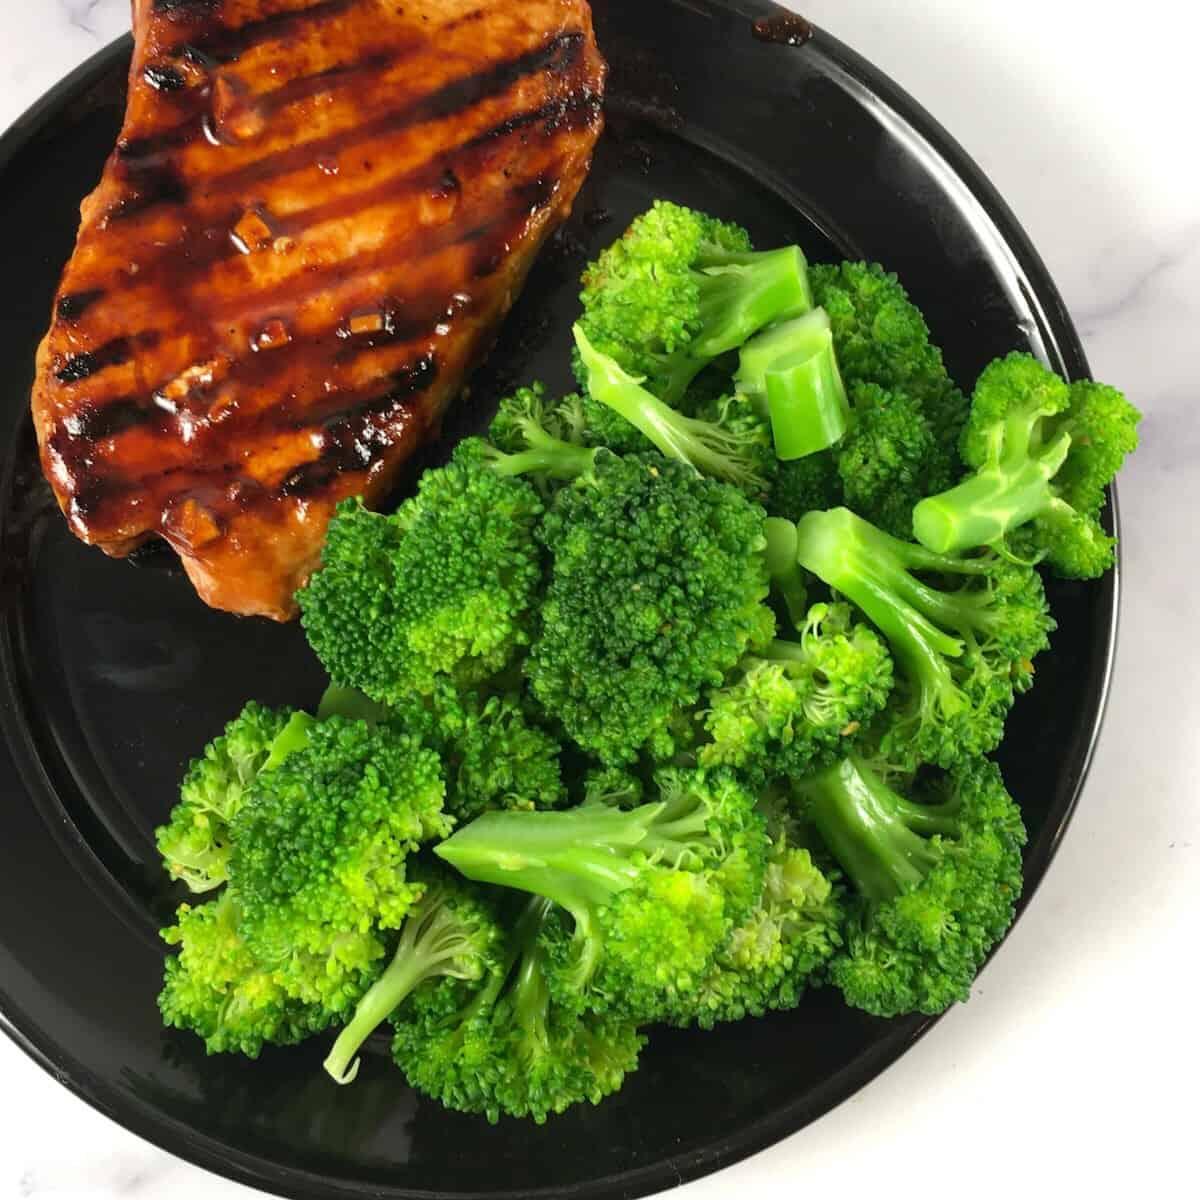 broccoli and pork chop